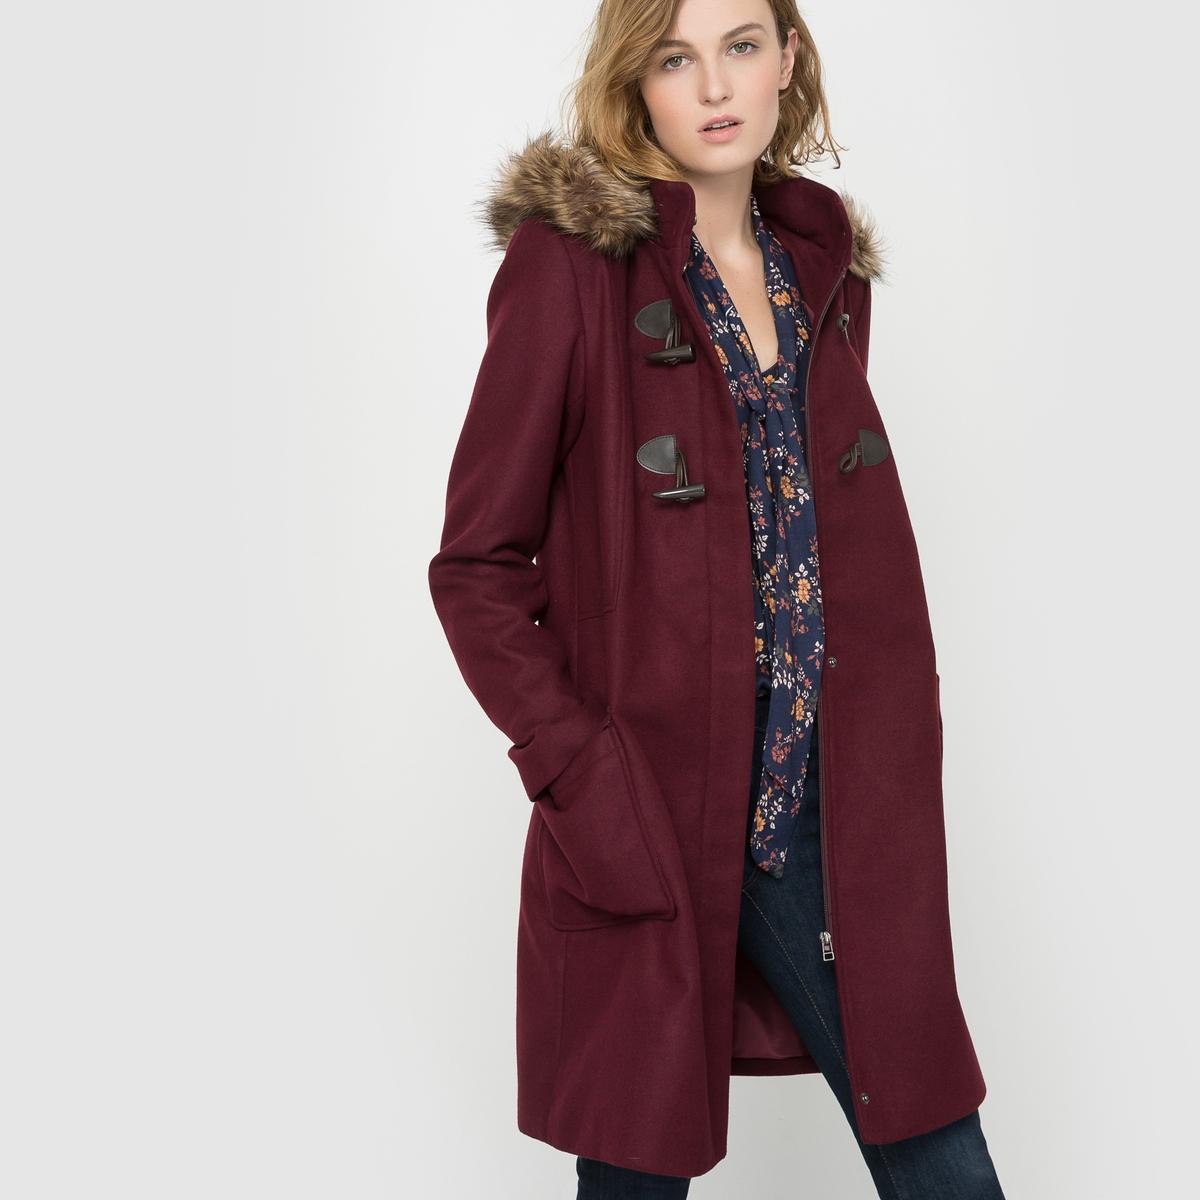 Короткое пальто с капюшономКороткое пальто со съемным капюшоном с оторочкой искусственным мехом . Прямой покрой. Застежка на фигурные пуговицы и потайную молнию и кнопки . Накладные карманы с клапаном  .Состав и описаниеМатериал              88% полиэстера, 10% вискозы, 2% эластанаПодкладка           100% полиэстер  Искусственный мех 80% акрила 20% полиэстера Длина          92 смМарка:  R ?dition.  УходСухая чистка или машинная стирка при 30° (с одеждой подобного цвета) - Не отбеливать - Не гладить -Барабанная сушка запрещена<br><br>Цвет: синий морской<br>Размер: 40 (FR) - 46 (RUS)